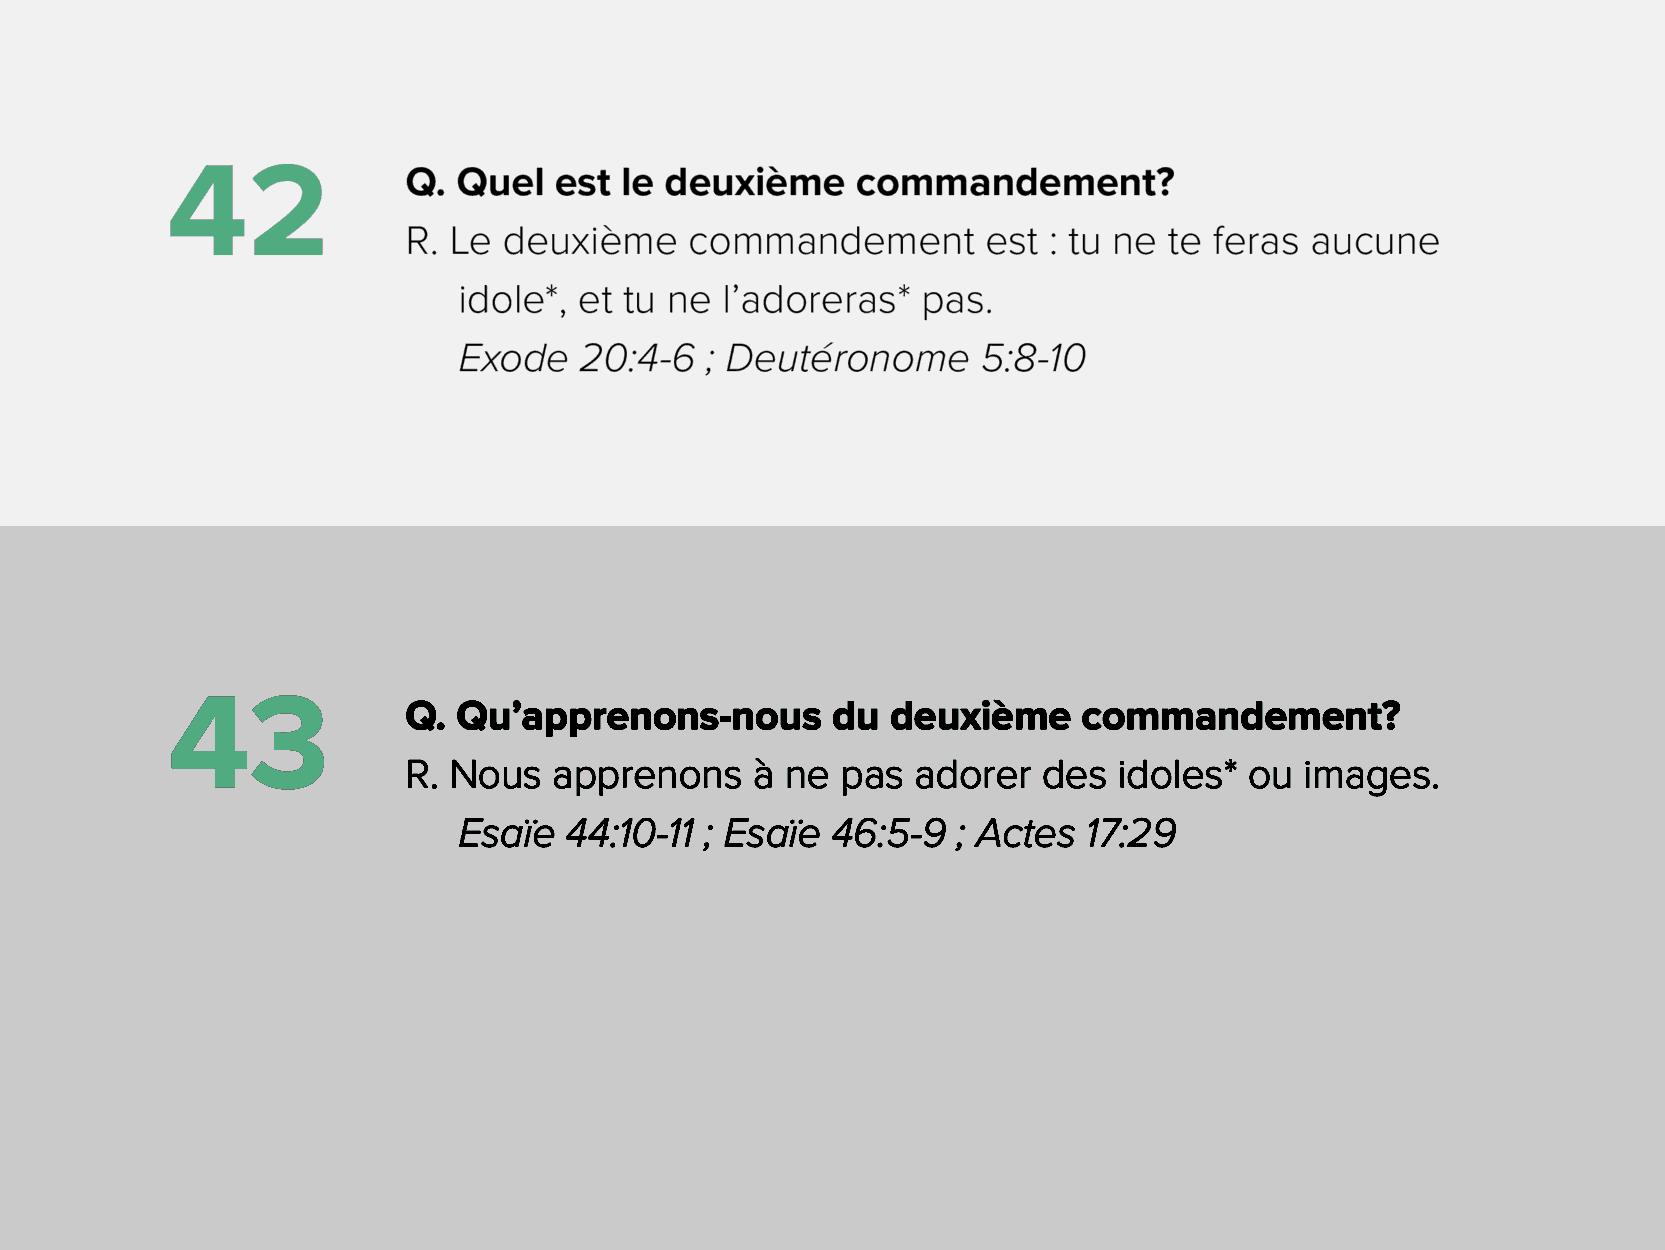 Q&A_42-43F